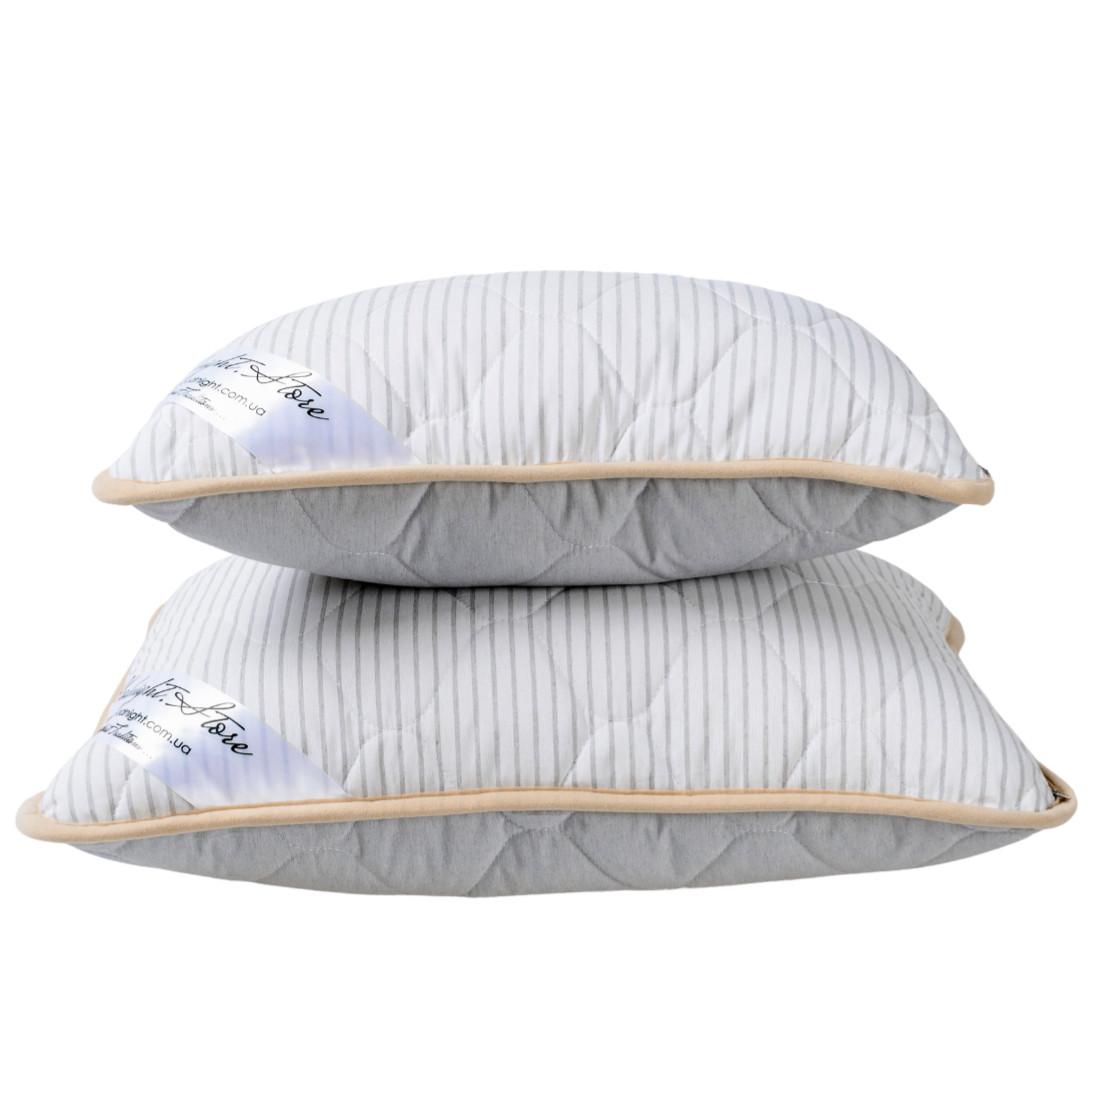 Подушка с шерсти мериносов классическая Goodnight.Store. Гарантия 24 месяца